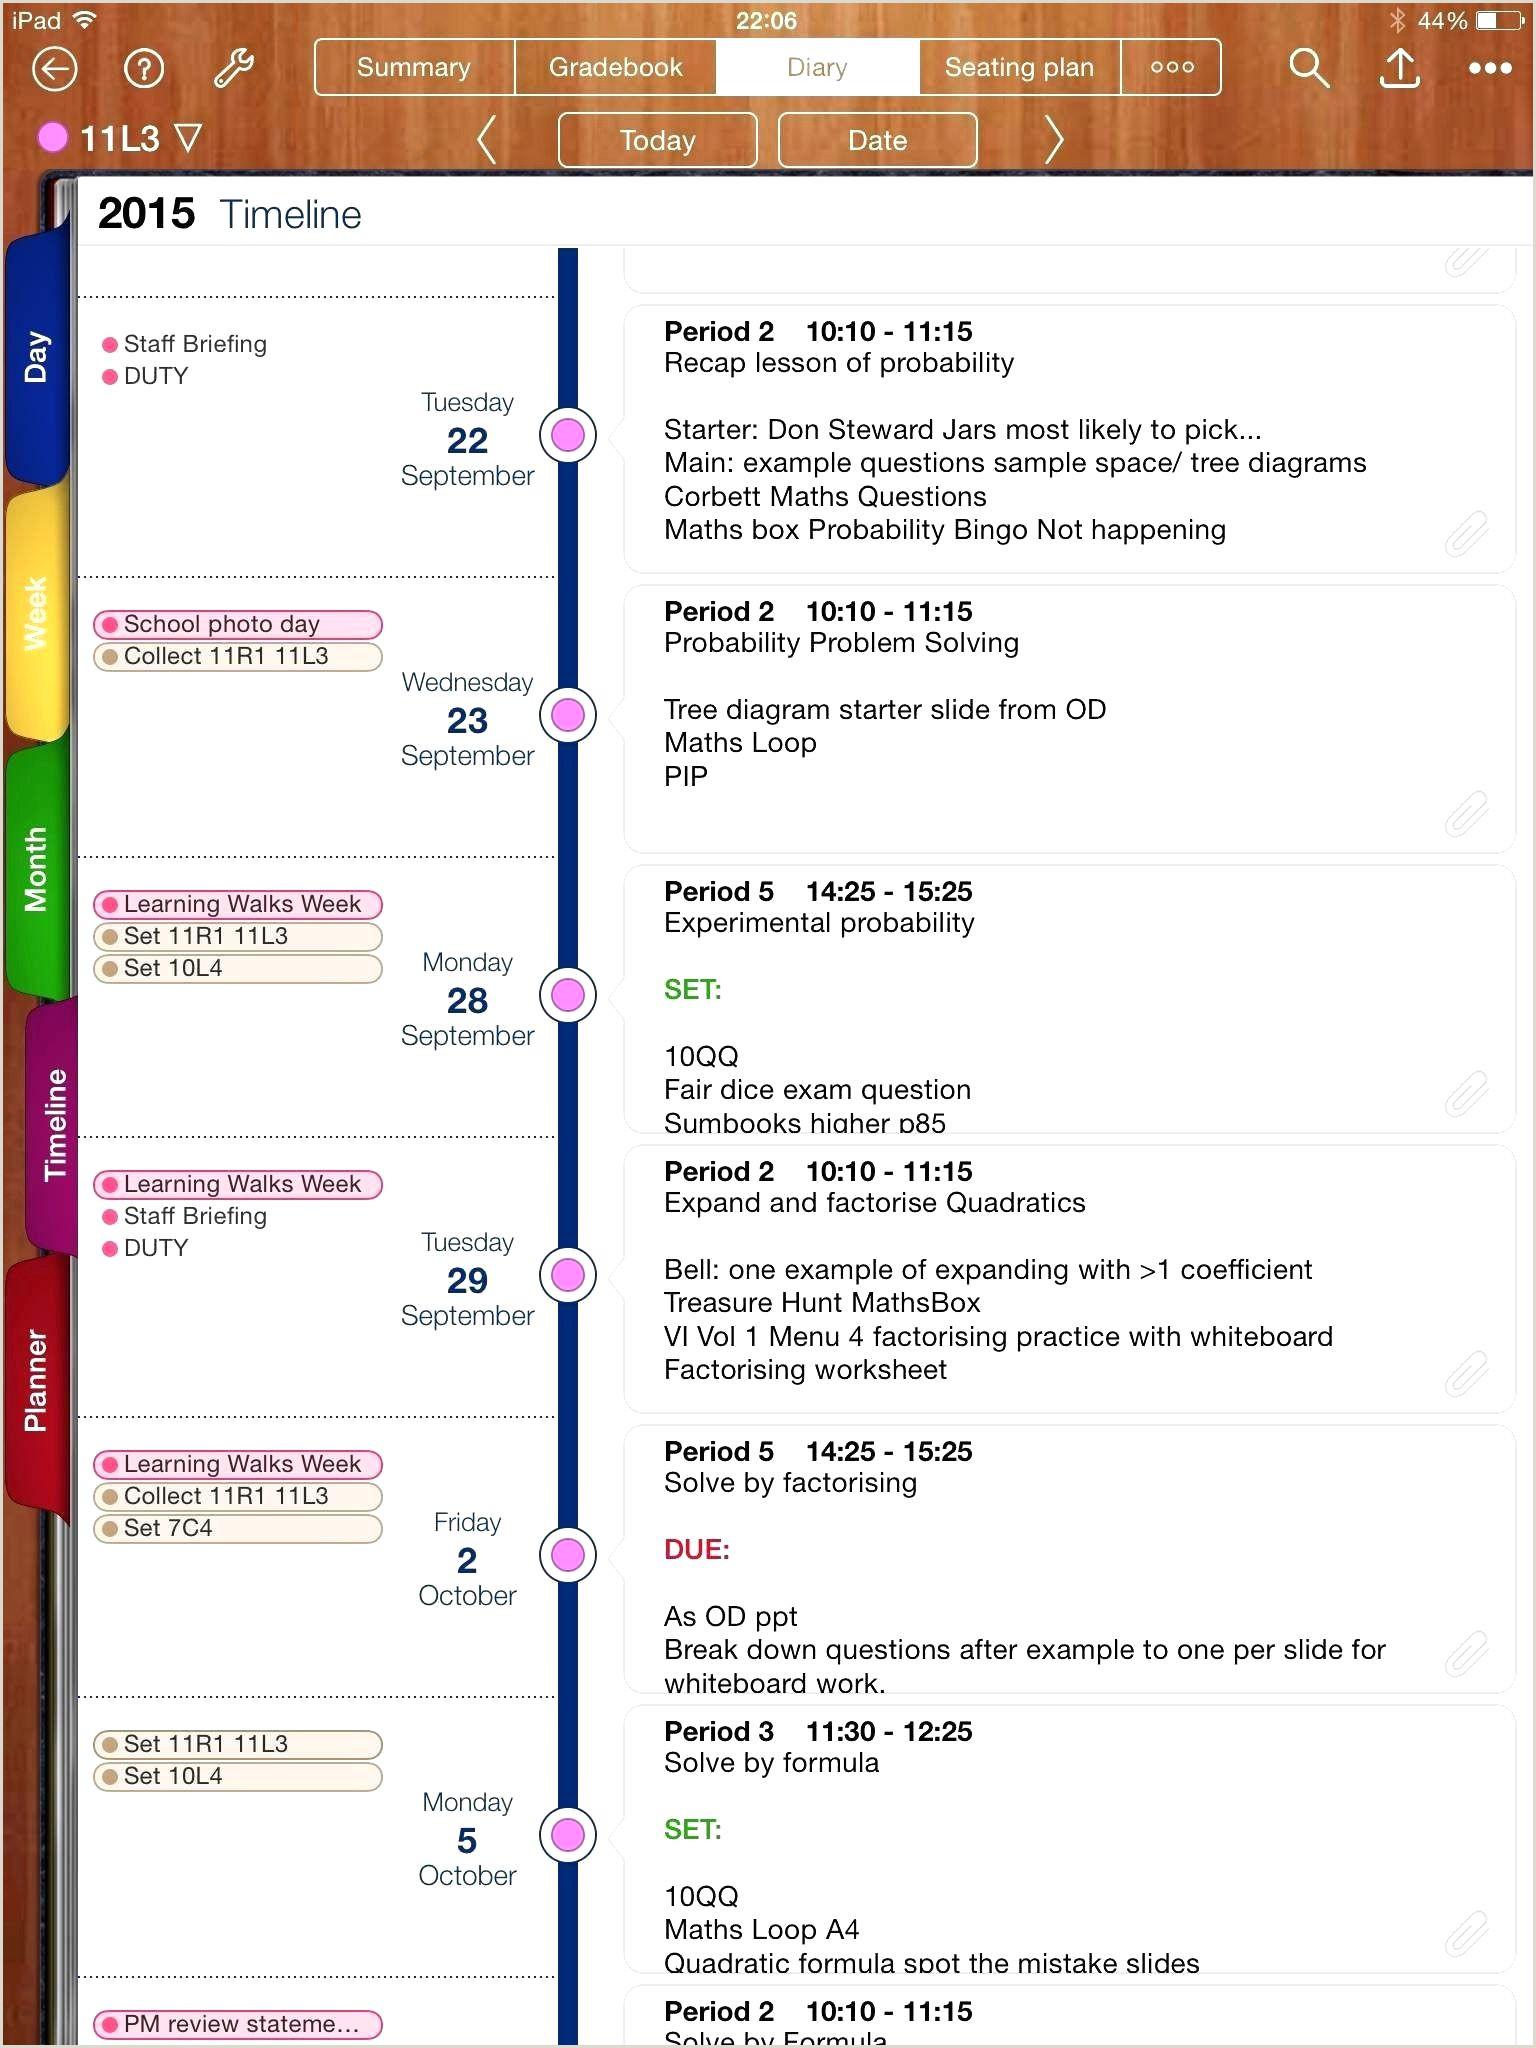 Lebenslauf Muster Kostenlos Online Schreiben 15 Lebenslauf Muster Kostenlos Word